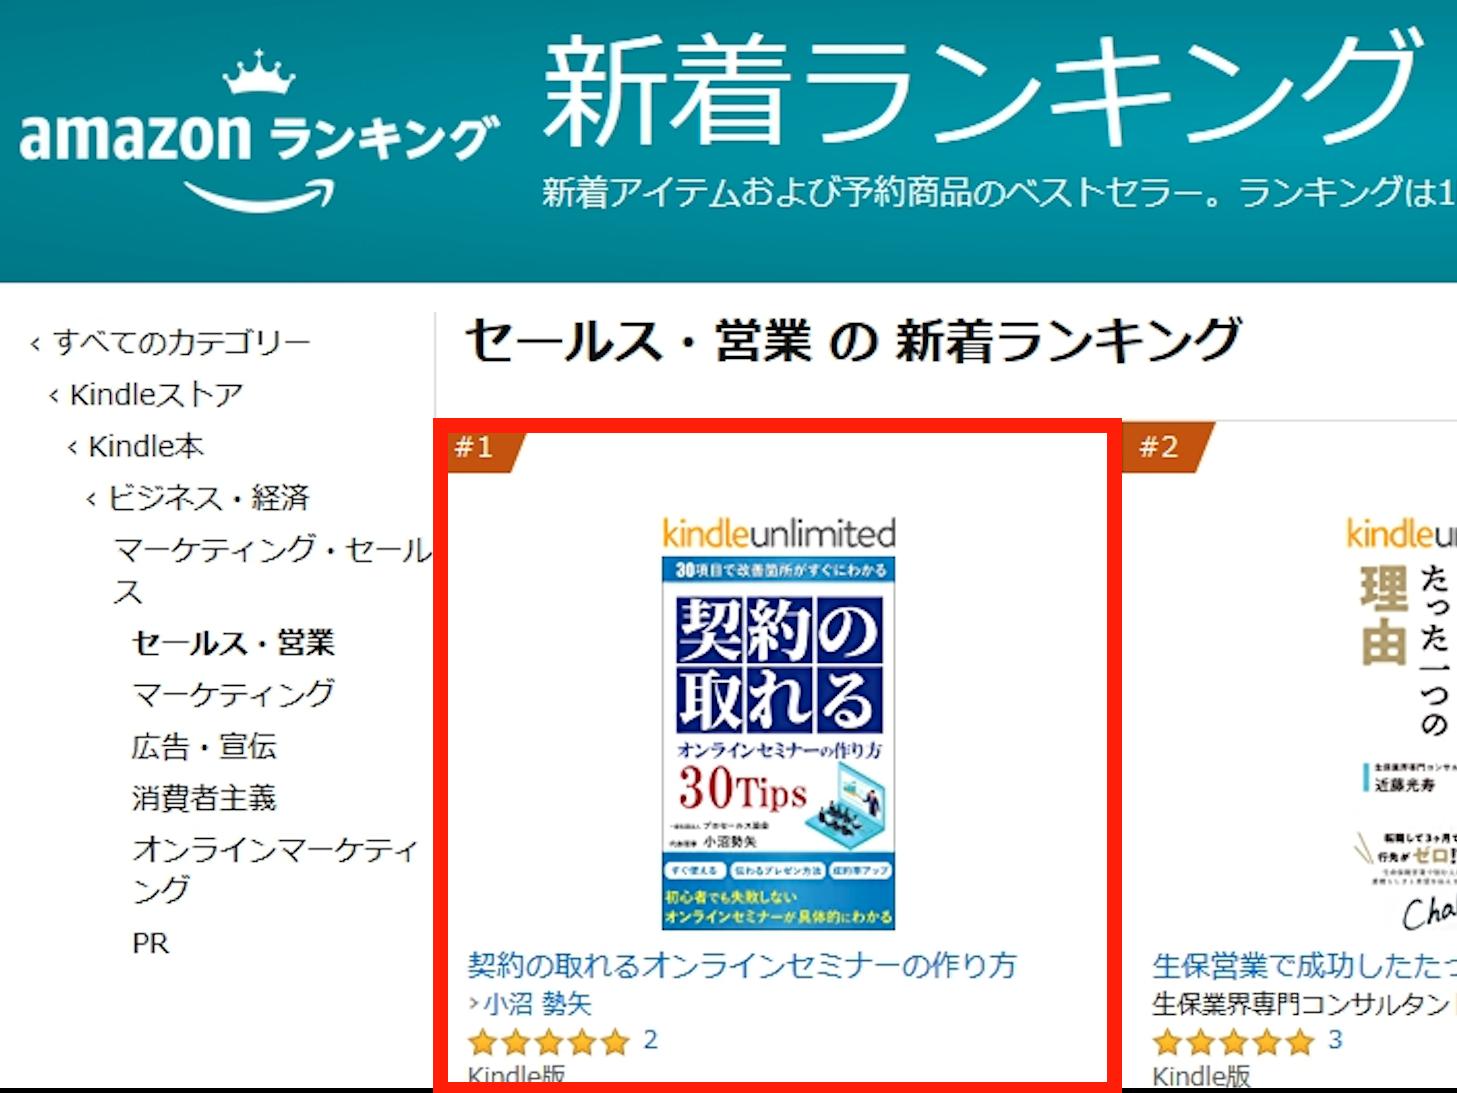 【お知らせ】電子書籍がAmazonランキング1位を獲得しました!